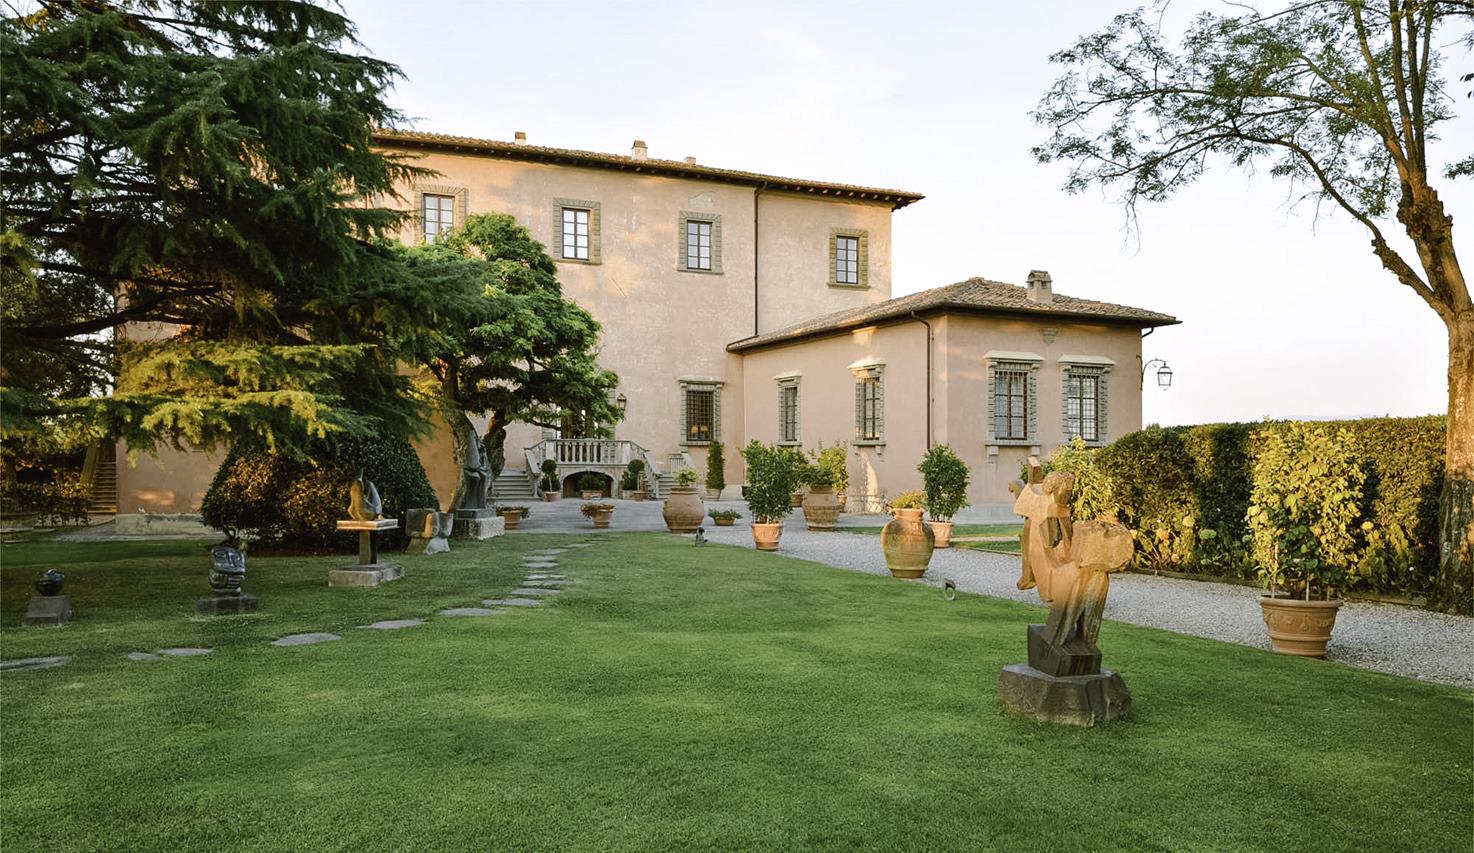 Façade of Villa Mangiacane